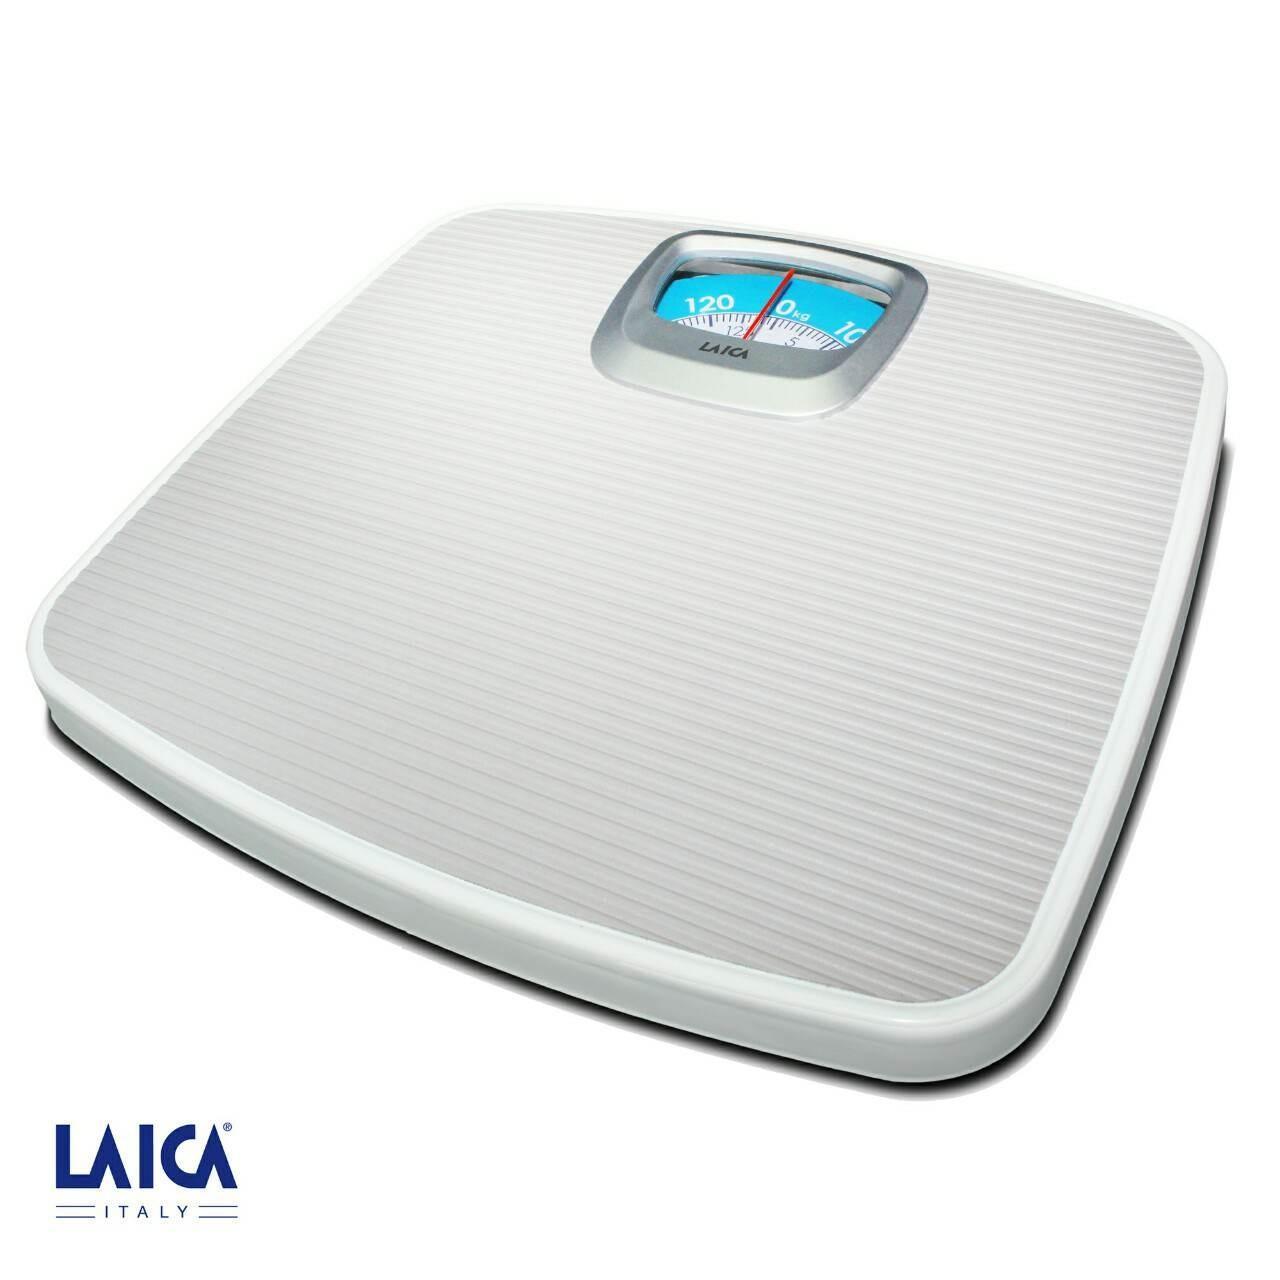 Hình ảnh Cân sức khỏe cơ học LAICA PS2019